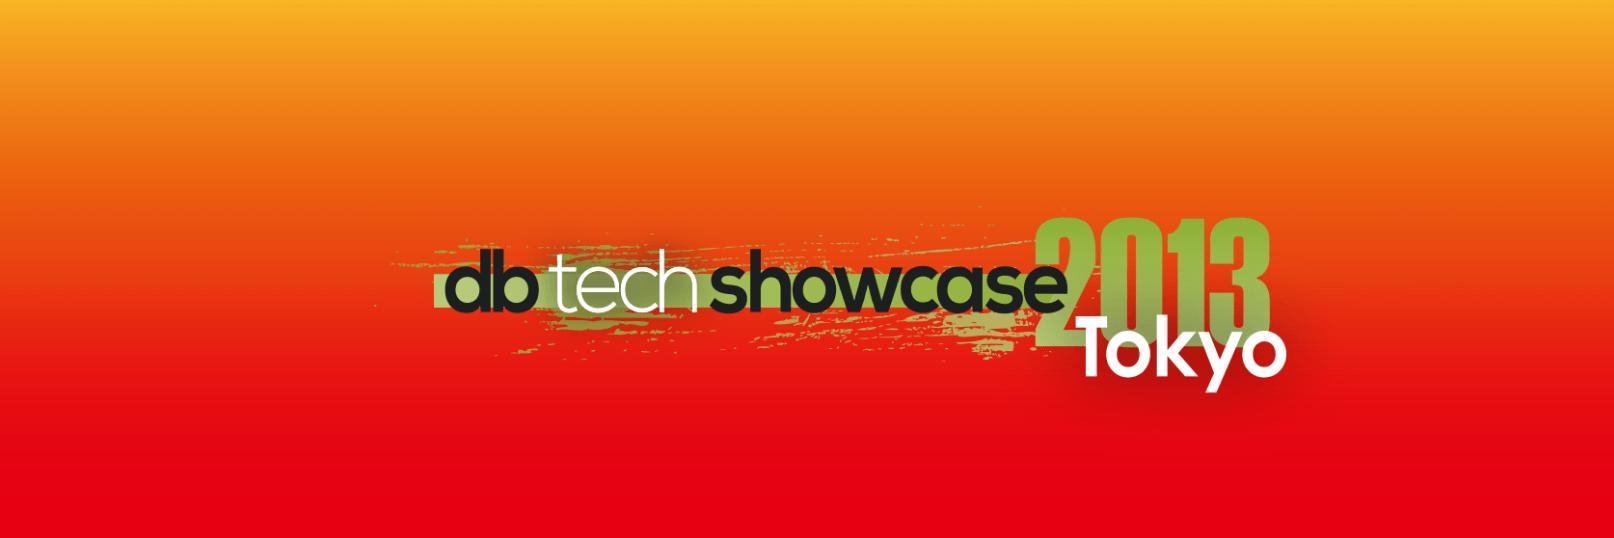 db tech showcase Tokyo 2013